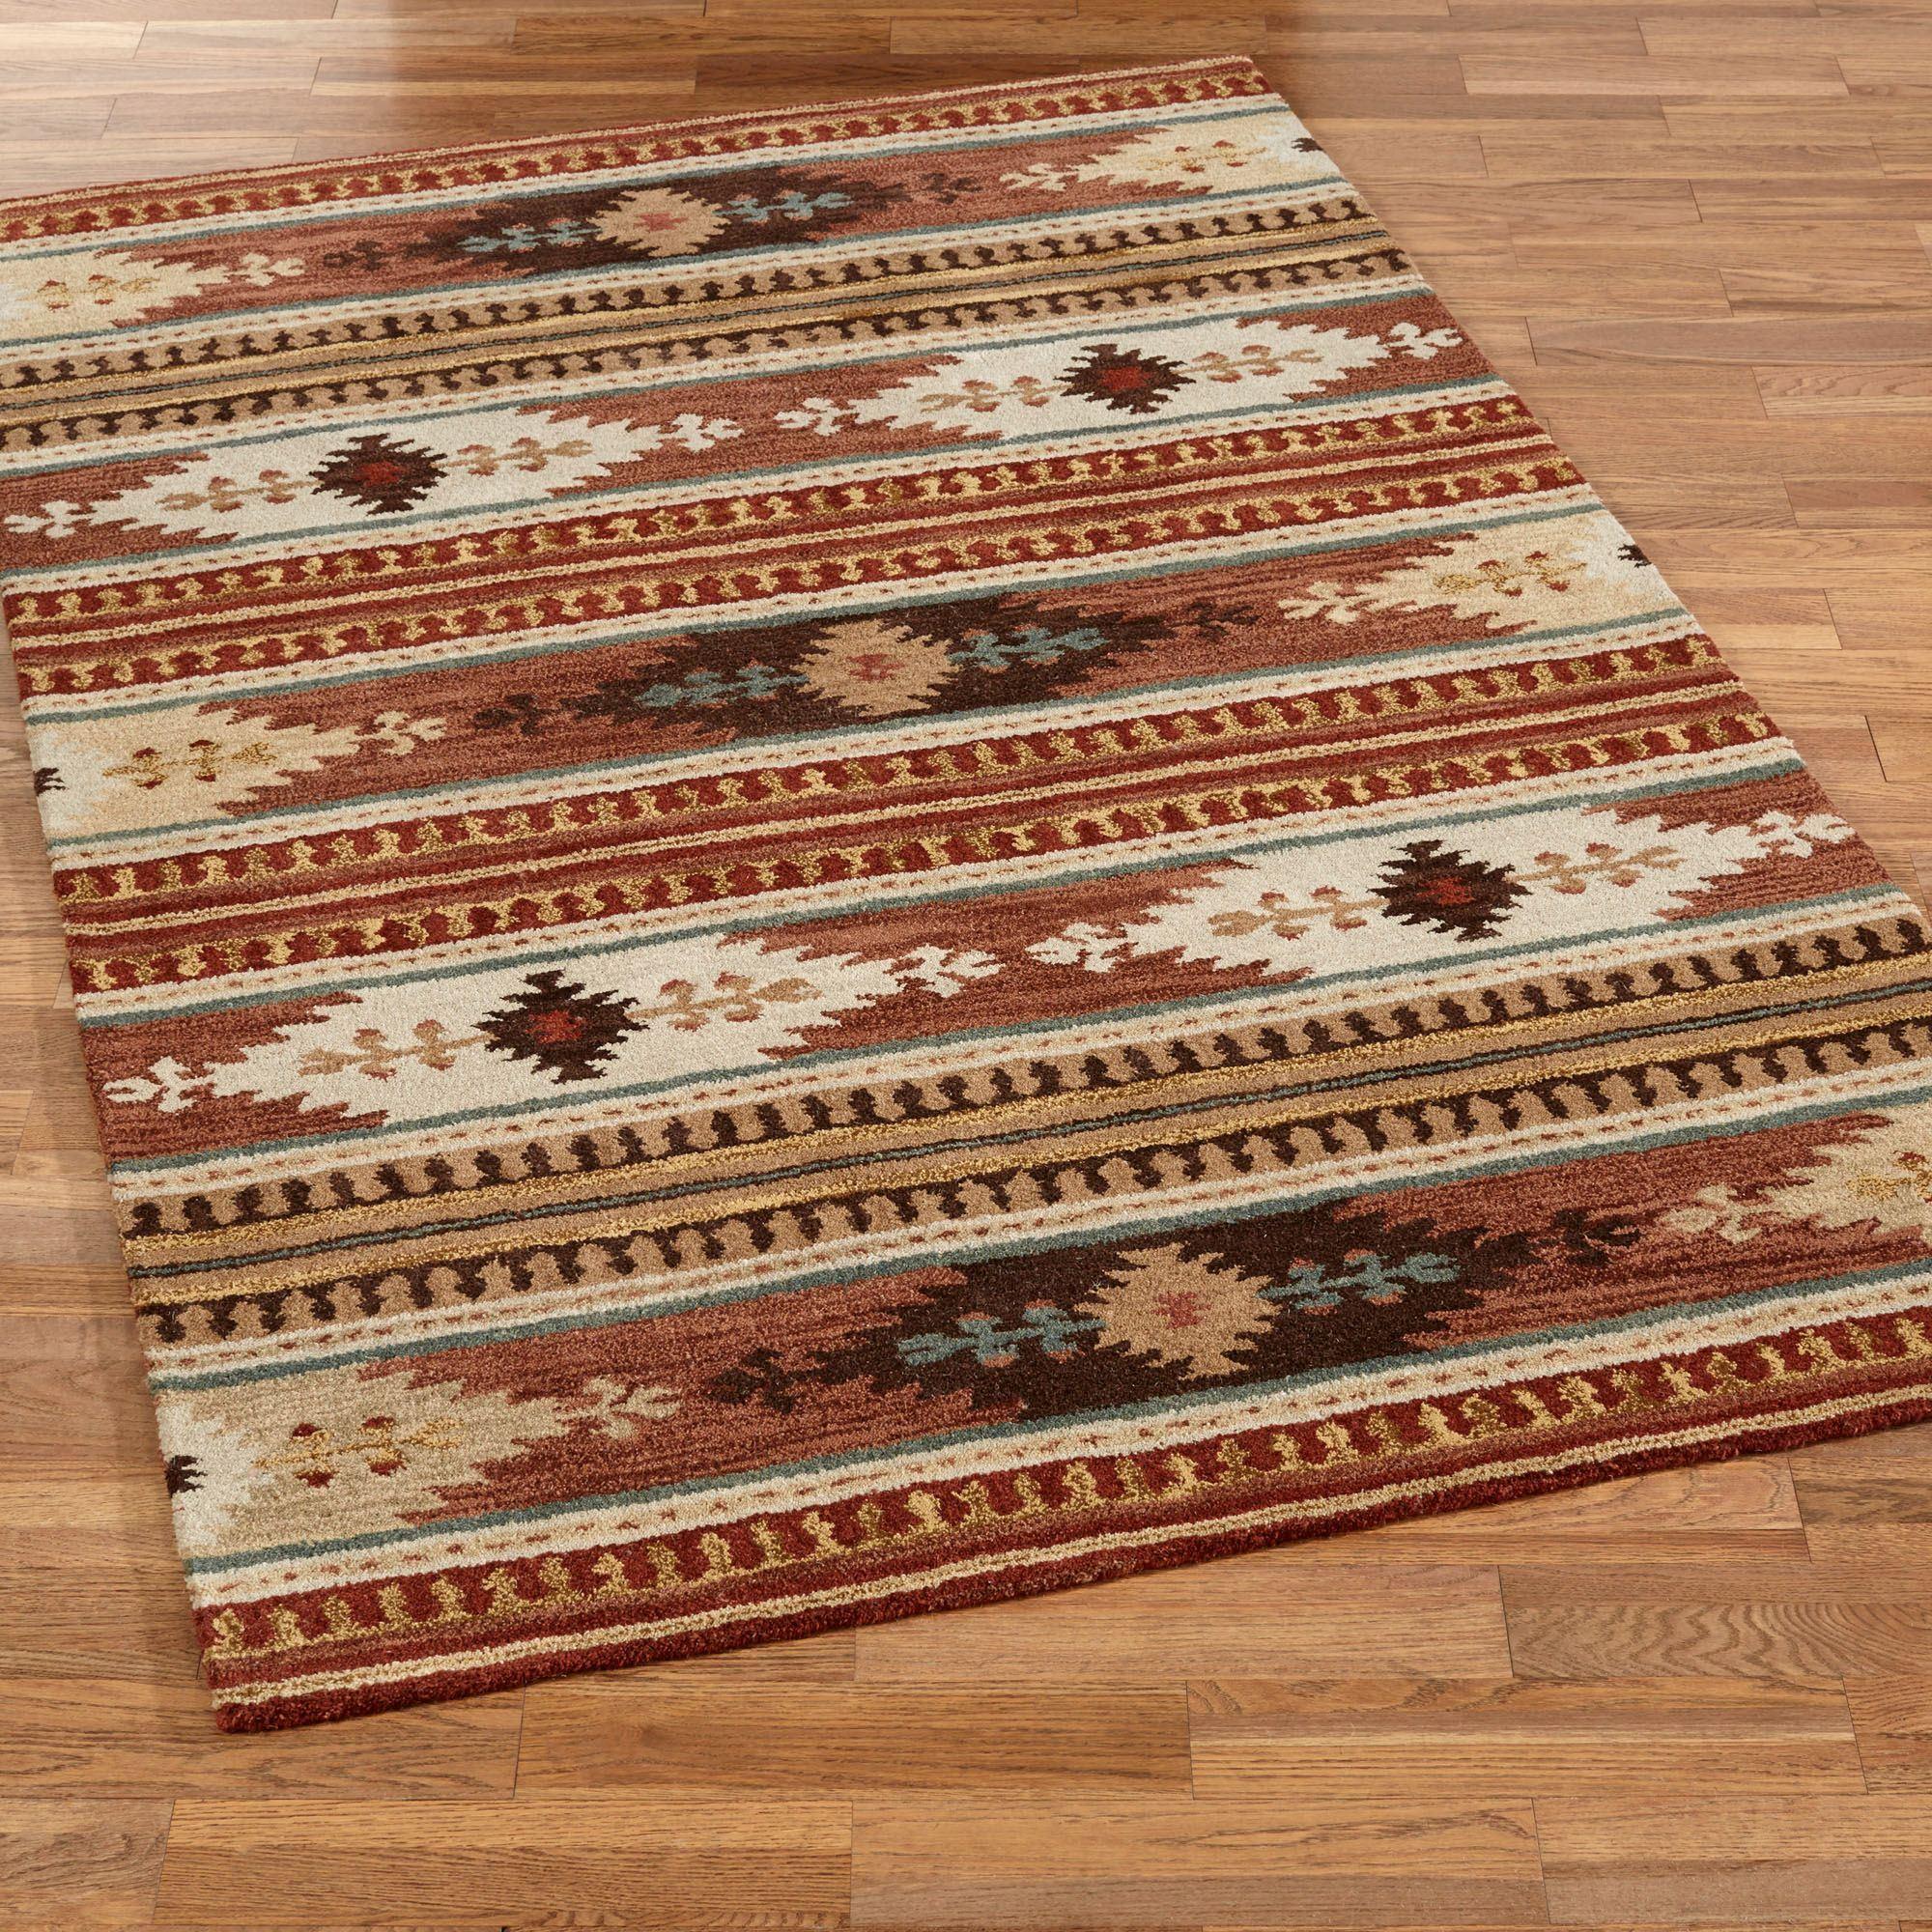 Stunning Maverick Southwest Area Rugs southwestern area rugs